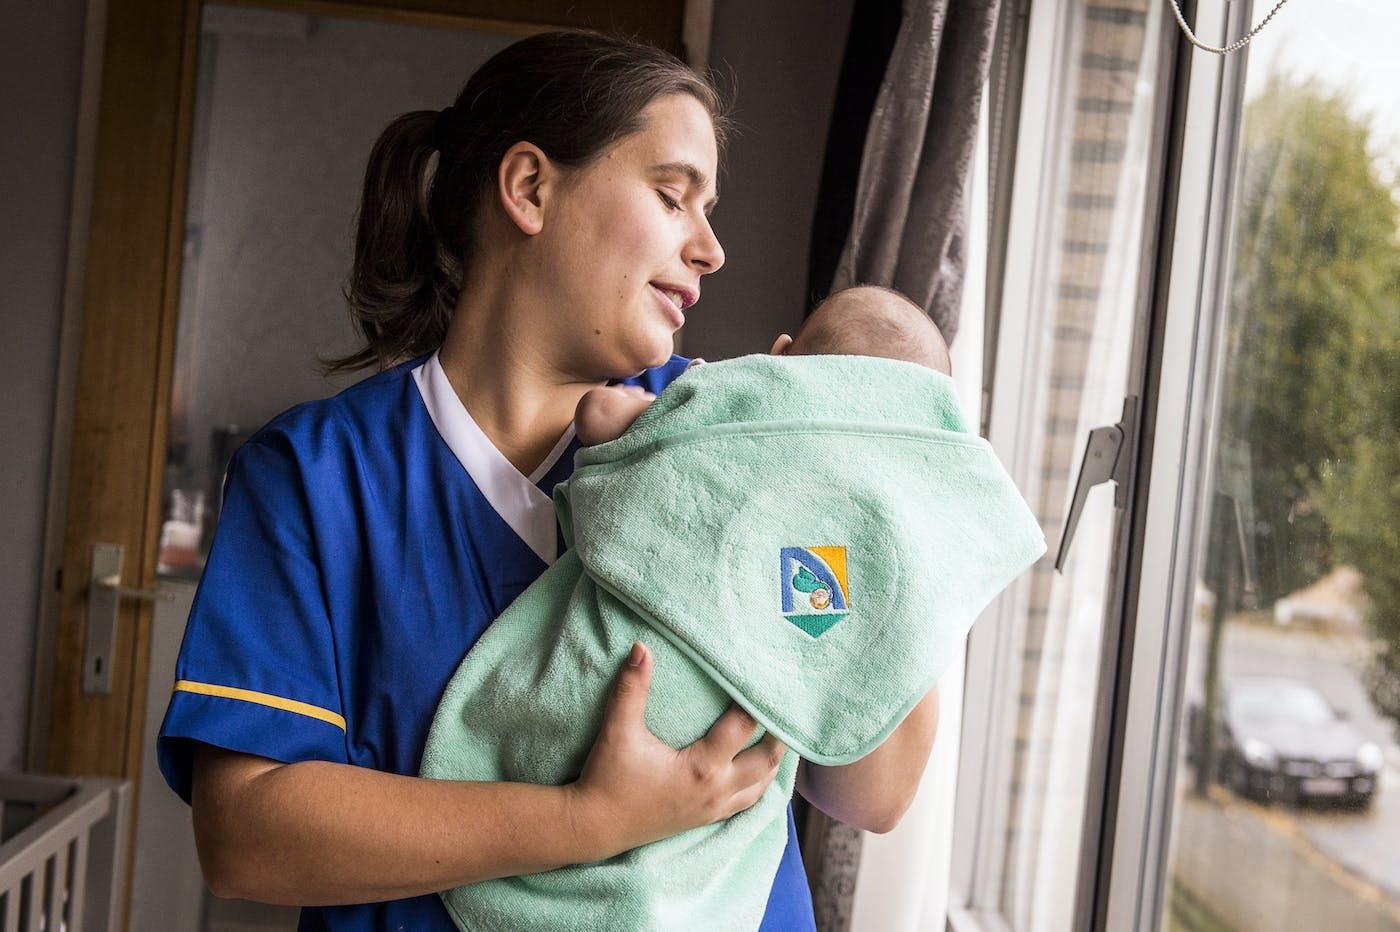 Verzorgster staat met baby aan raam